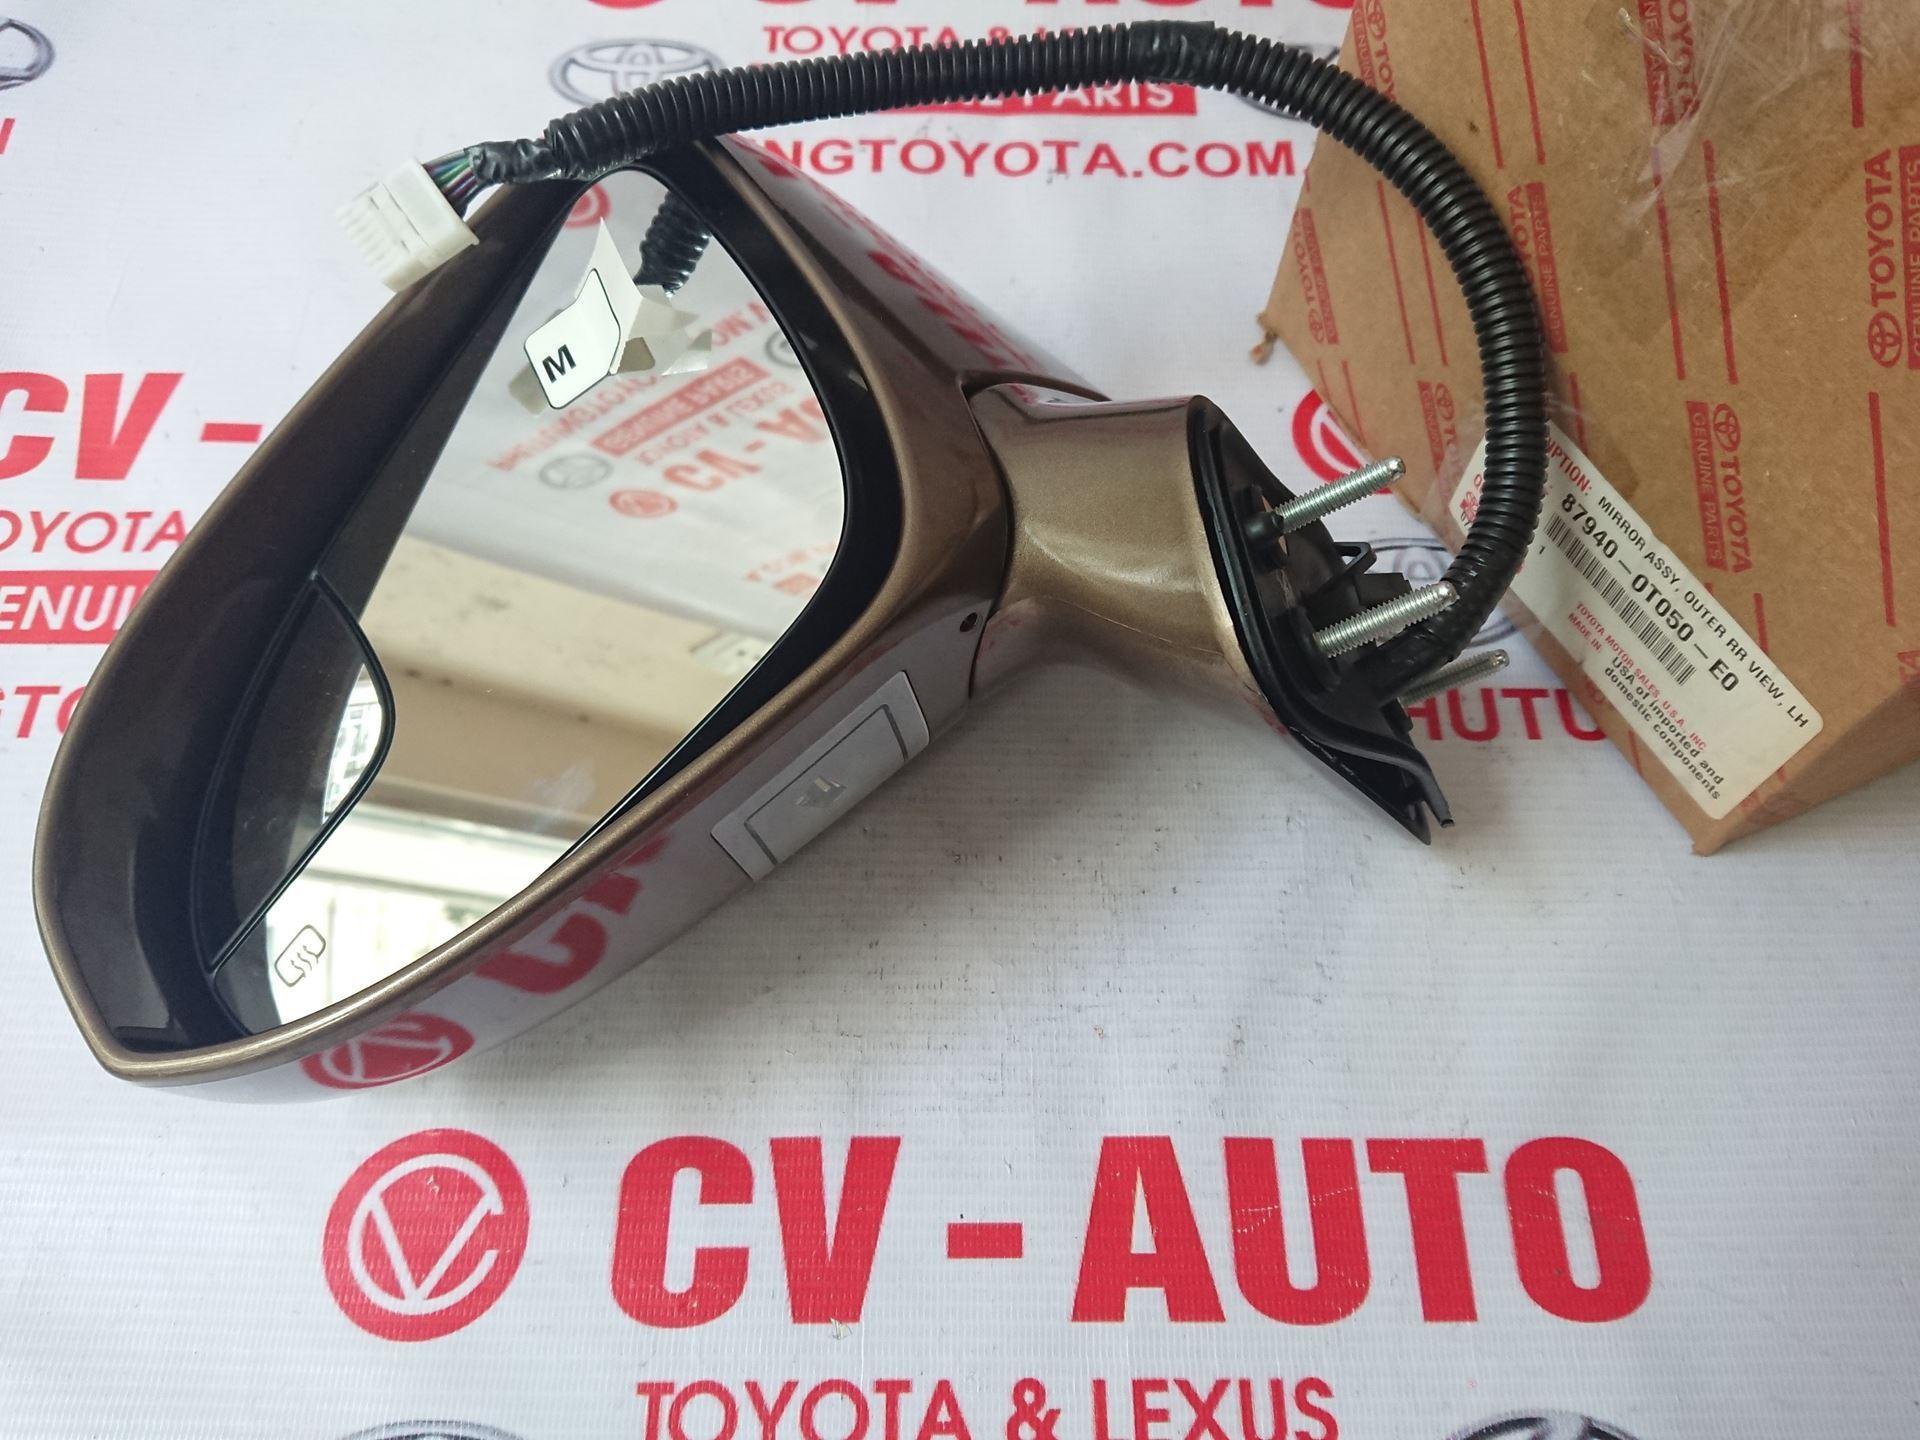 Picture of 87940-0T050-E0 87910-0T050-E0 Gương trái, phải Toyota Venza hàng chính hãng